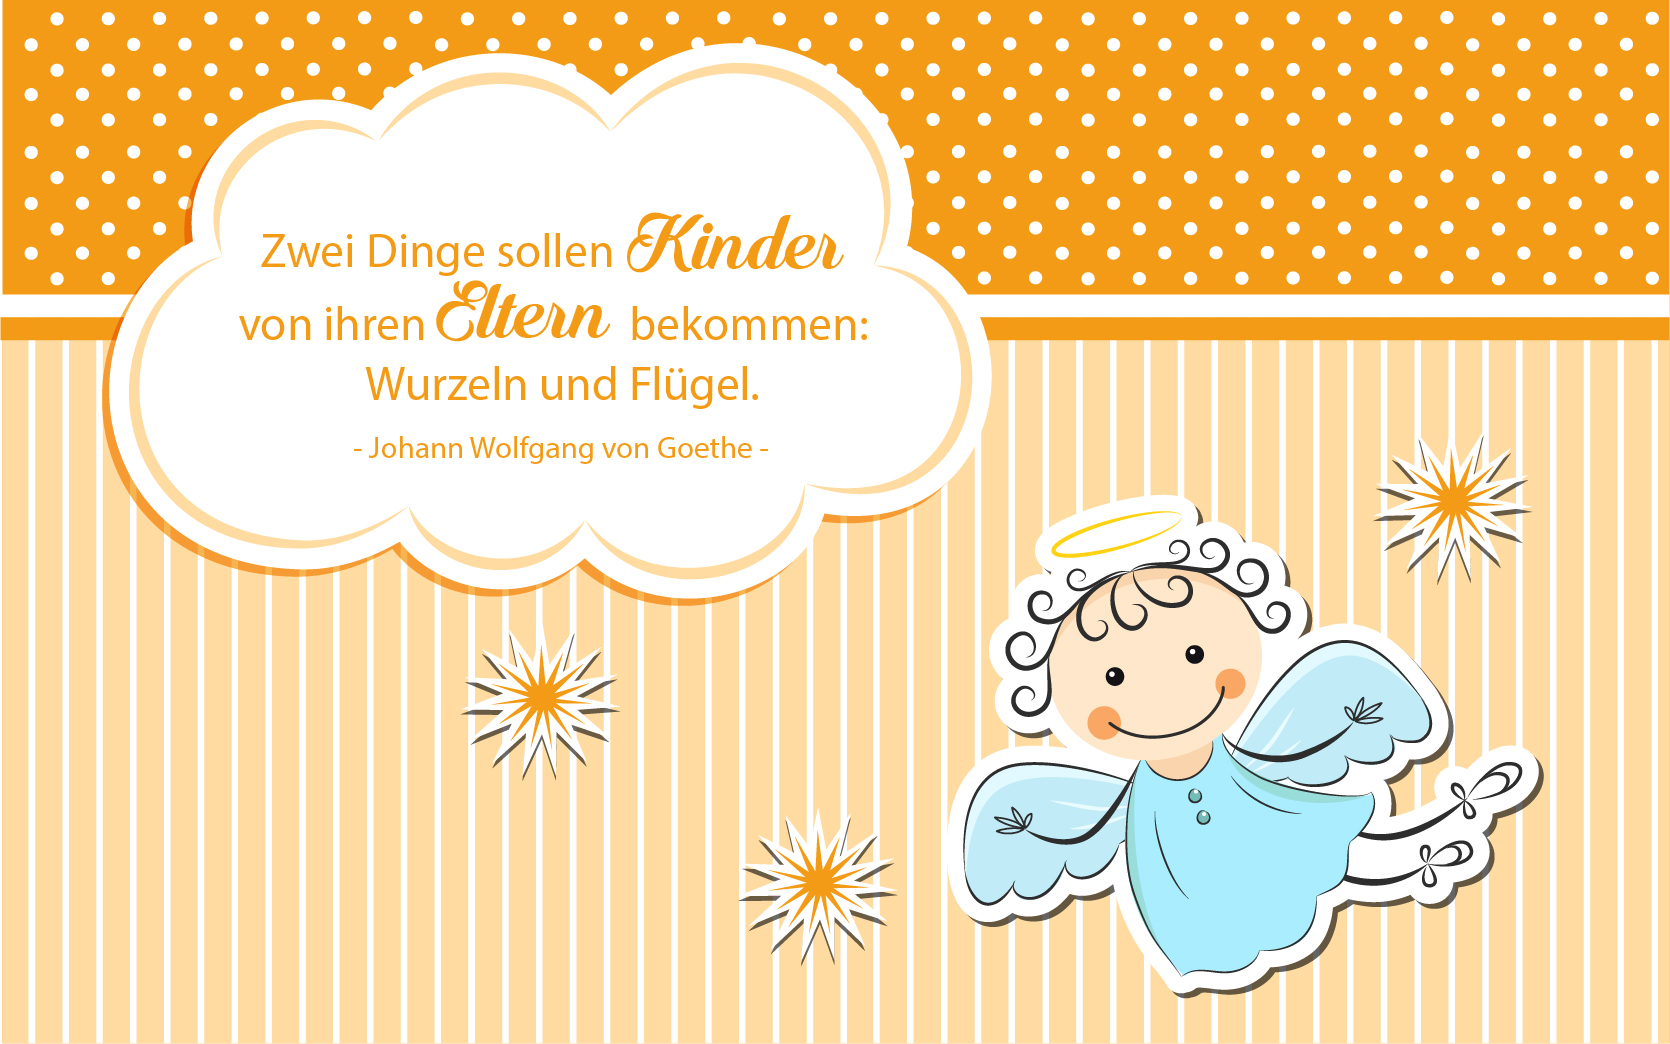 """Sprüche für Kinder als Karte zum Drucken: Ein schönes Zitat von Goethe: """" Zwei Dinge sollen Kinder von ihren Eltern bekommen: Wurzeln und Flügel."""" (#2)"""